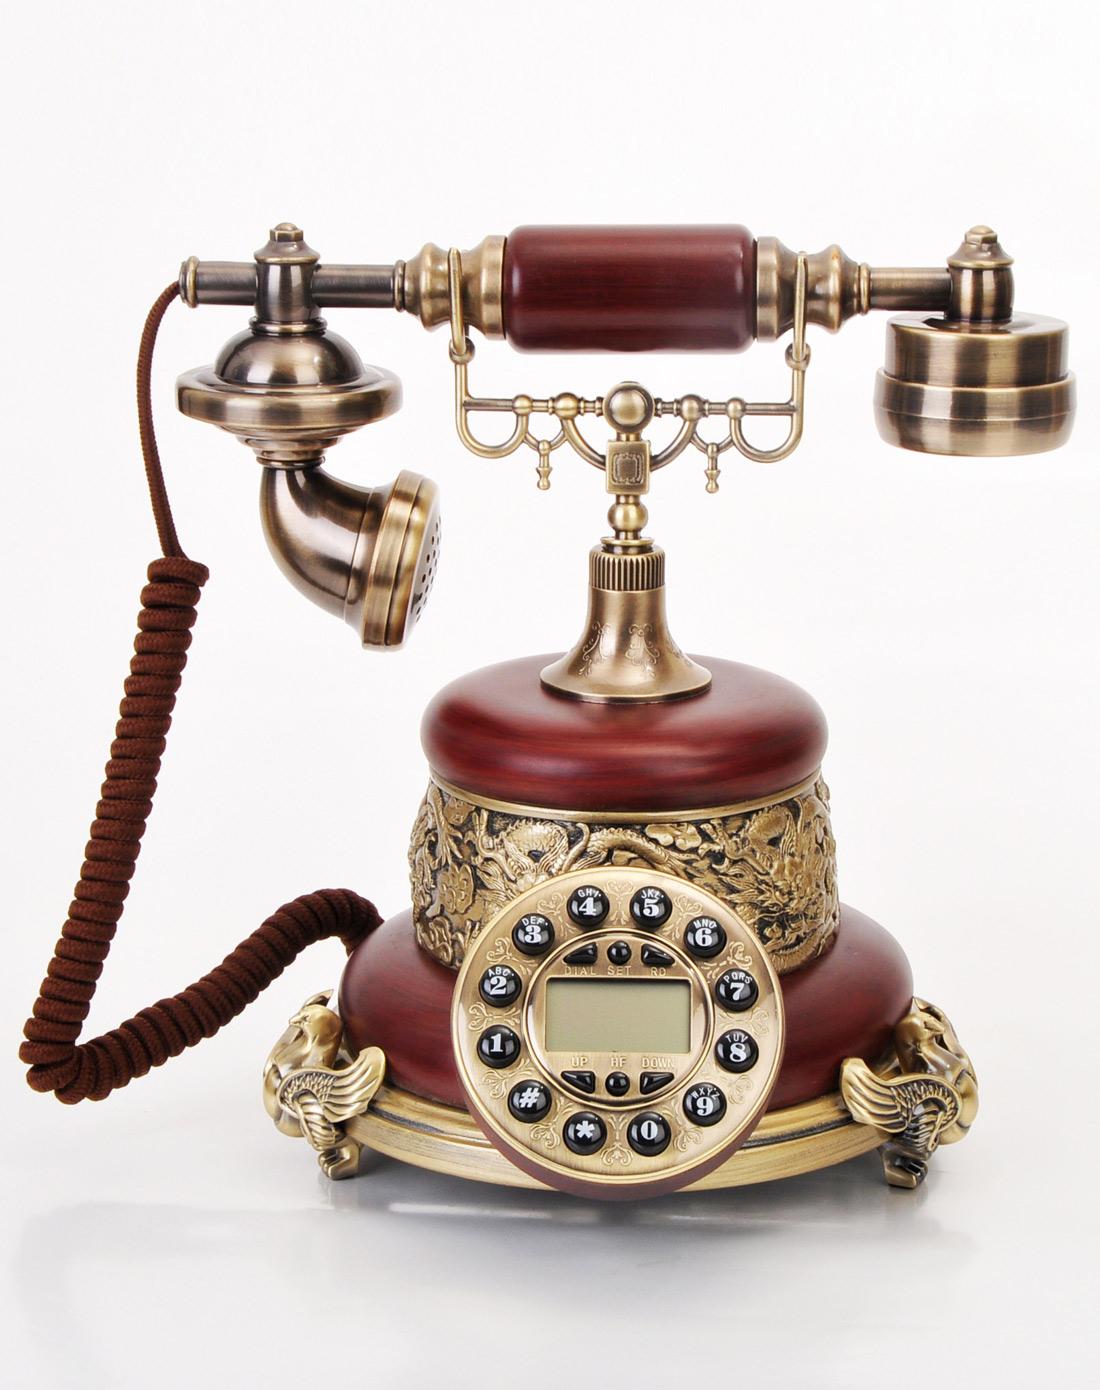 琪特qite欧式仿古电话机-帝王之家gbd-8006015e